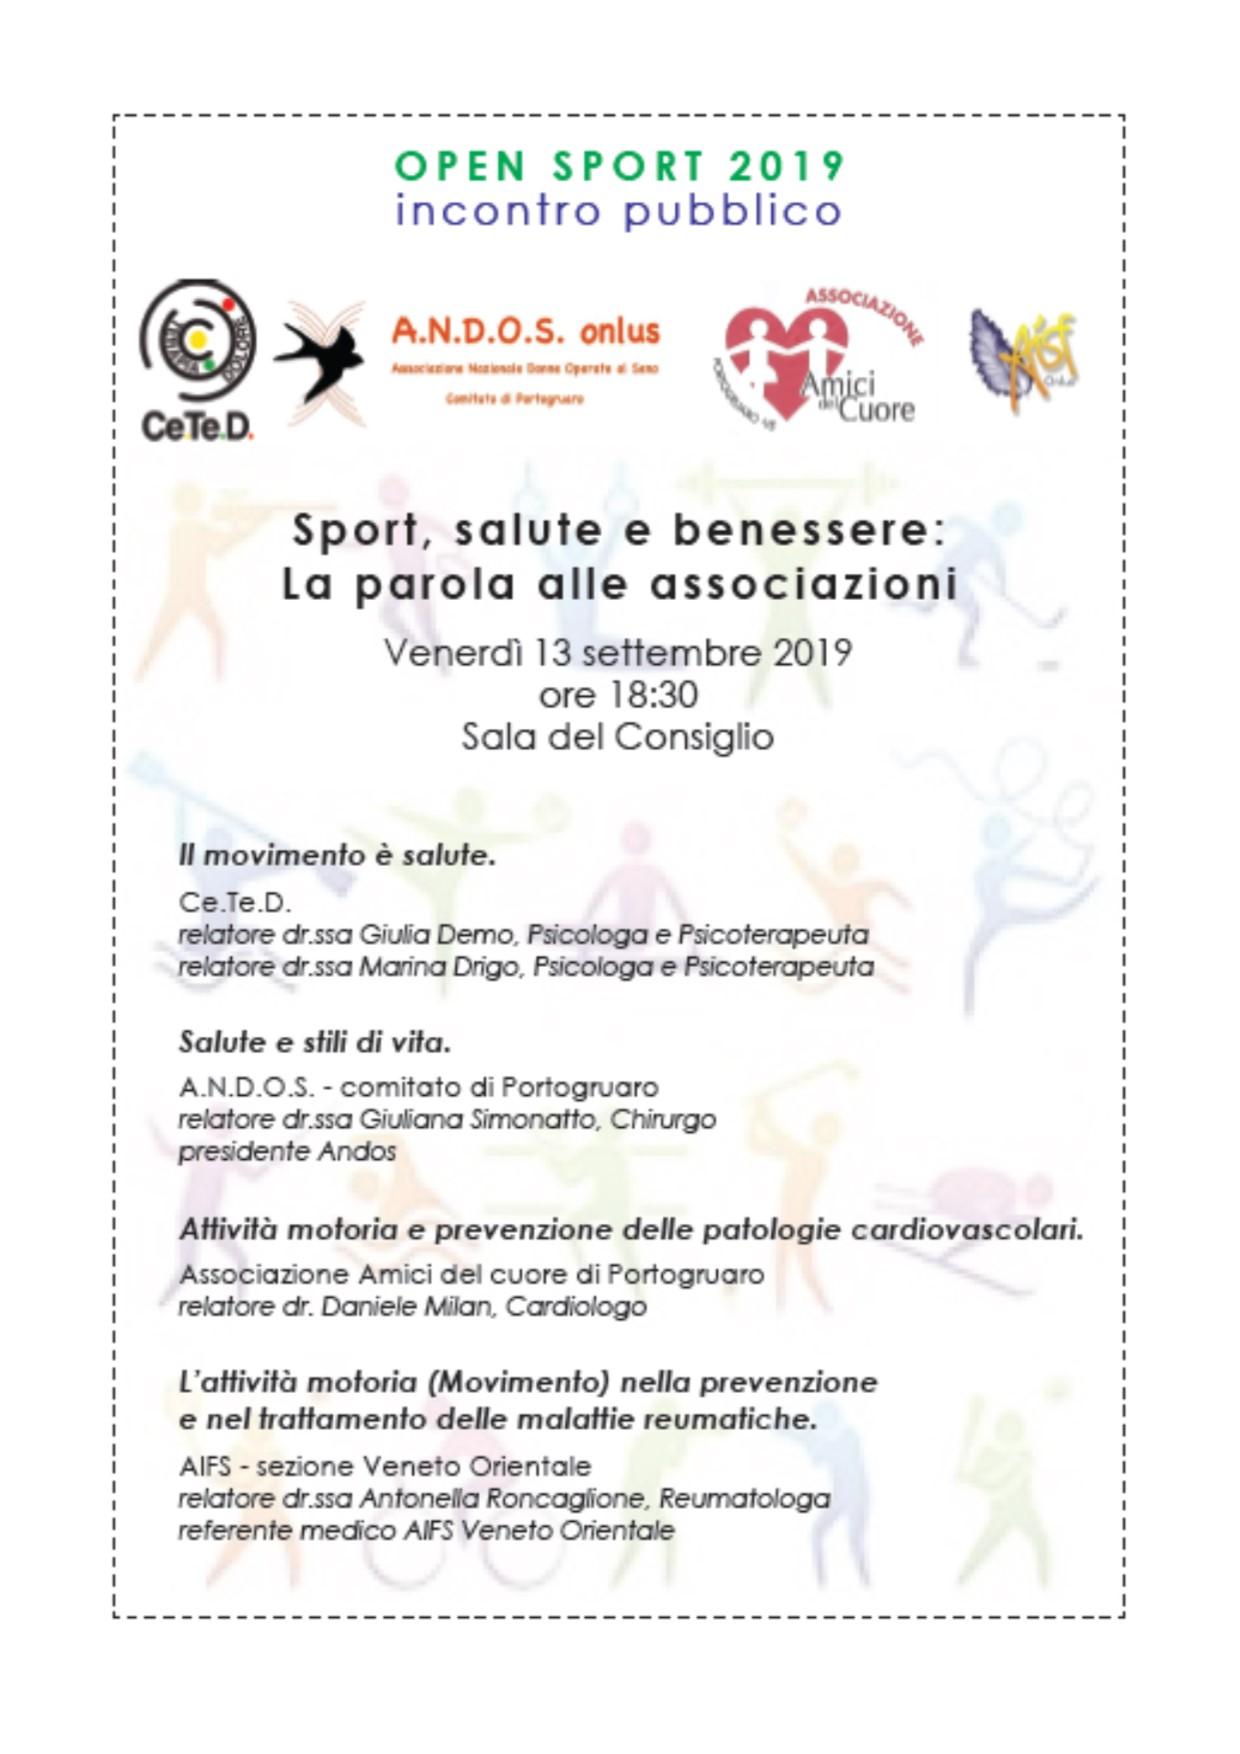 Sport, salute e benessere. - Incontro con le associazioni sull'importanza del movimento e dell'attività fisica come aiuto per la prevenzione di alcune patologie.